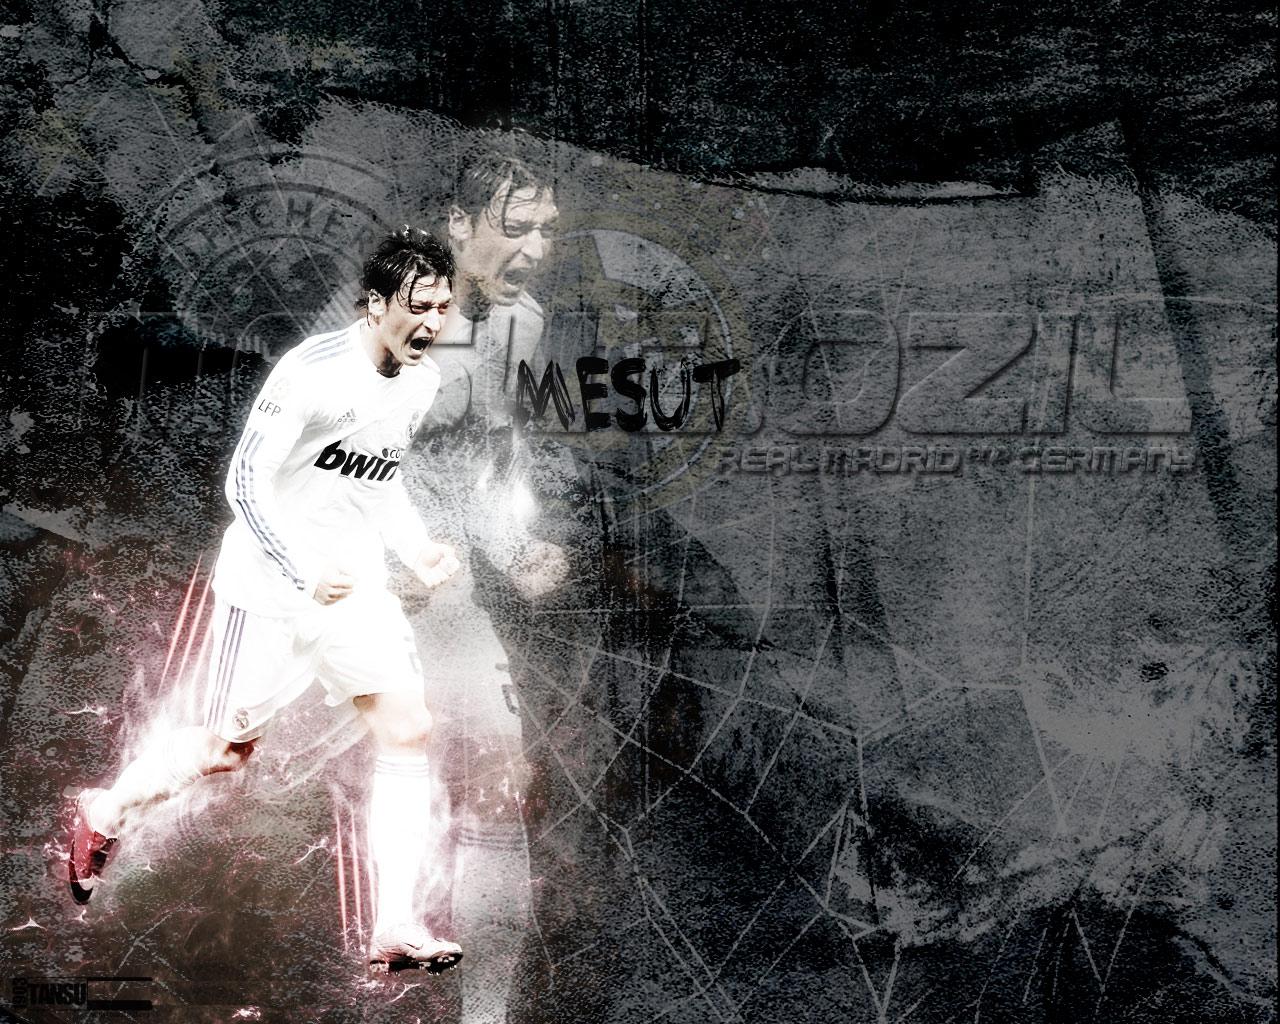 http://3.bp.blogspot.com/-6lwC4puq4dk/TjqwKT6E3GI/AAAAAAAACPk/qDgQZj61dNo/s1600/Mesut-Ozil-Wallpaper-2011-6.jpg